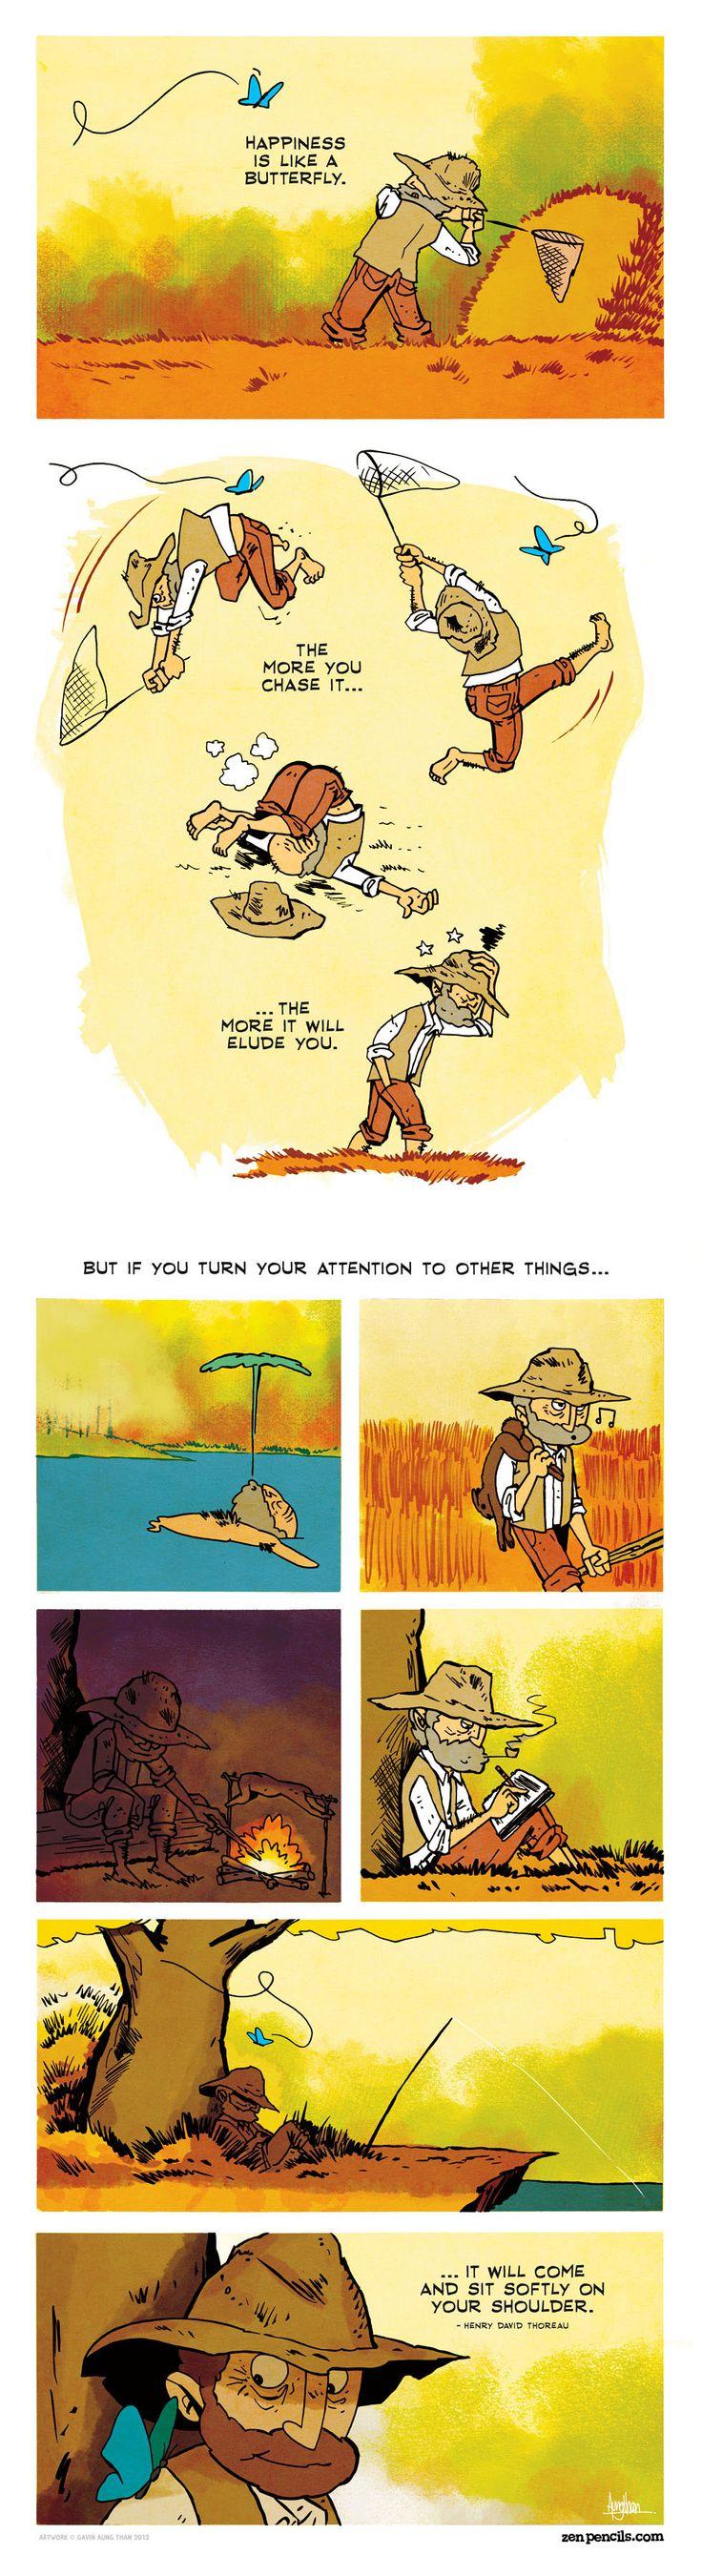 17 Terbaik Kutipan Humor Di Pinterest